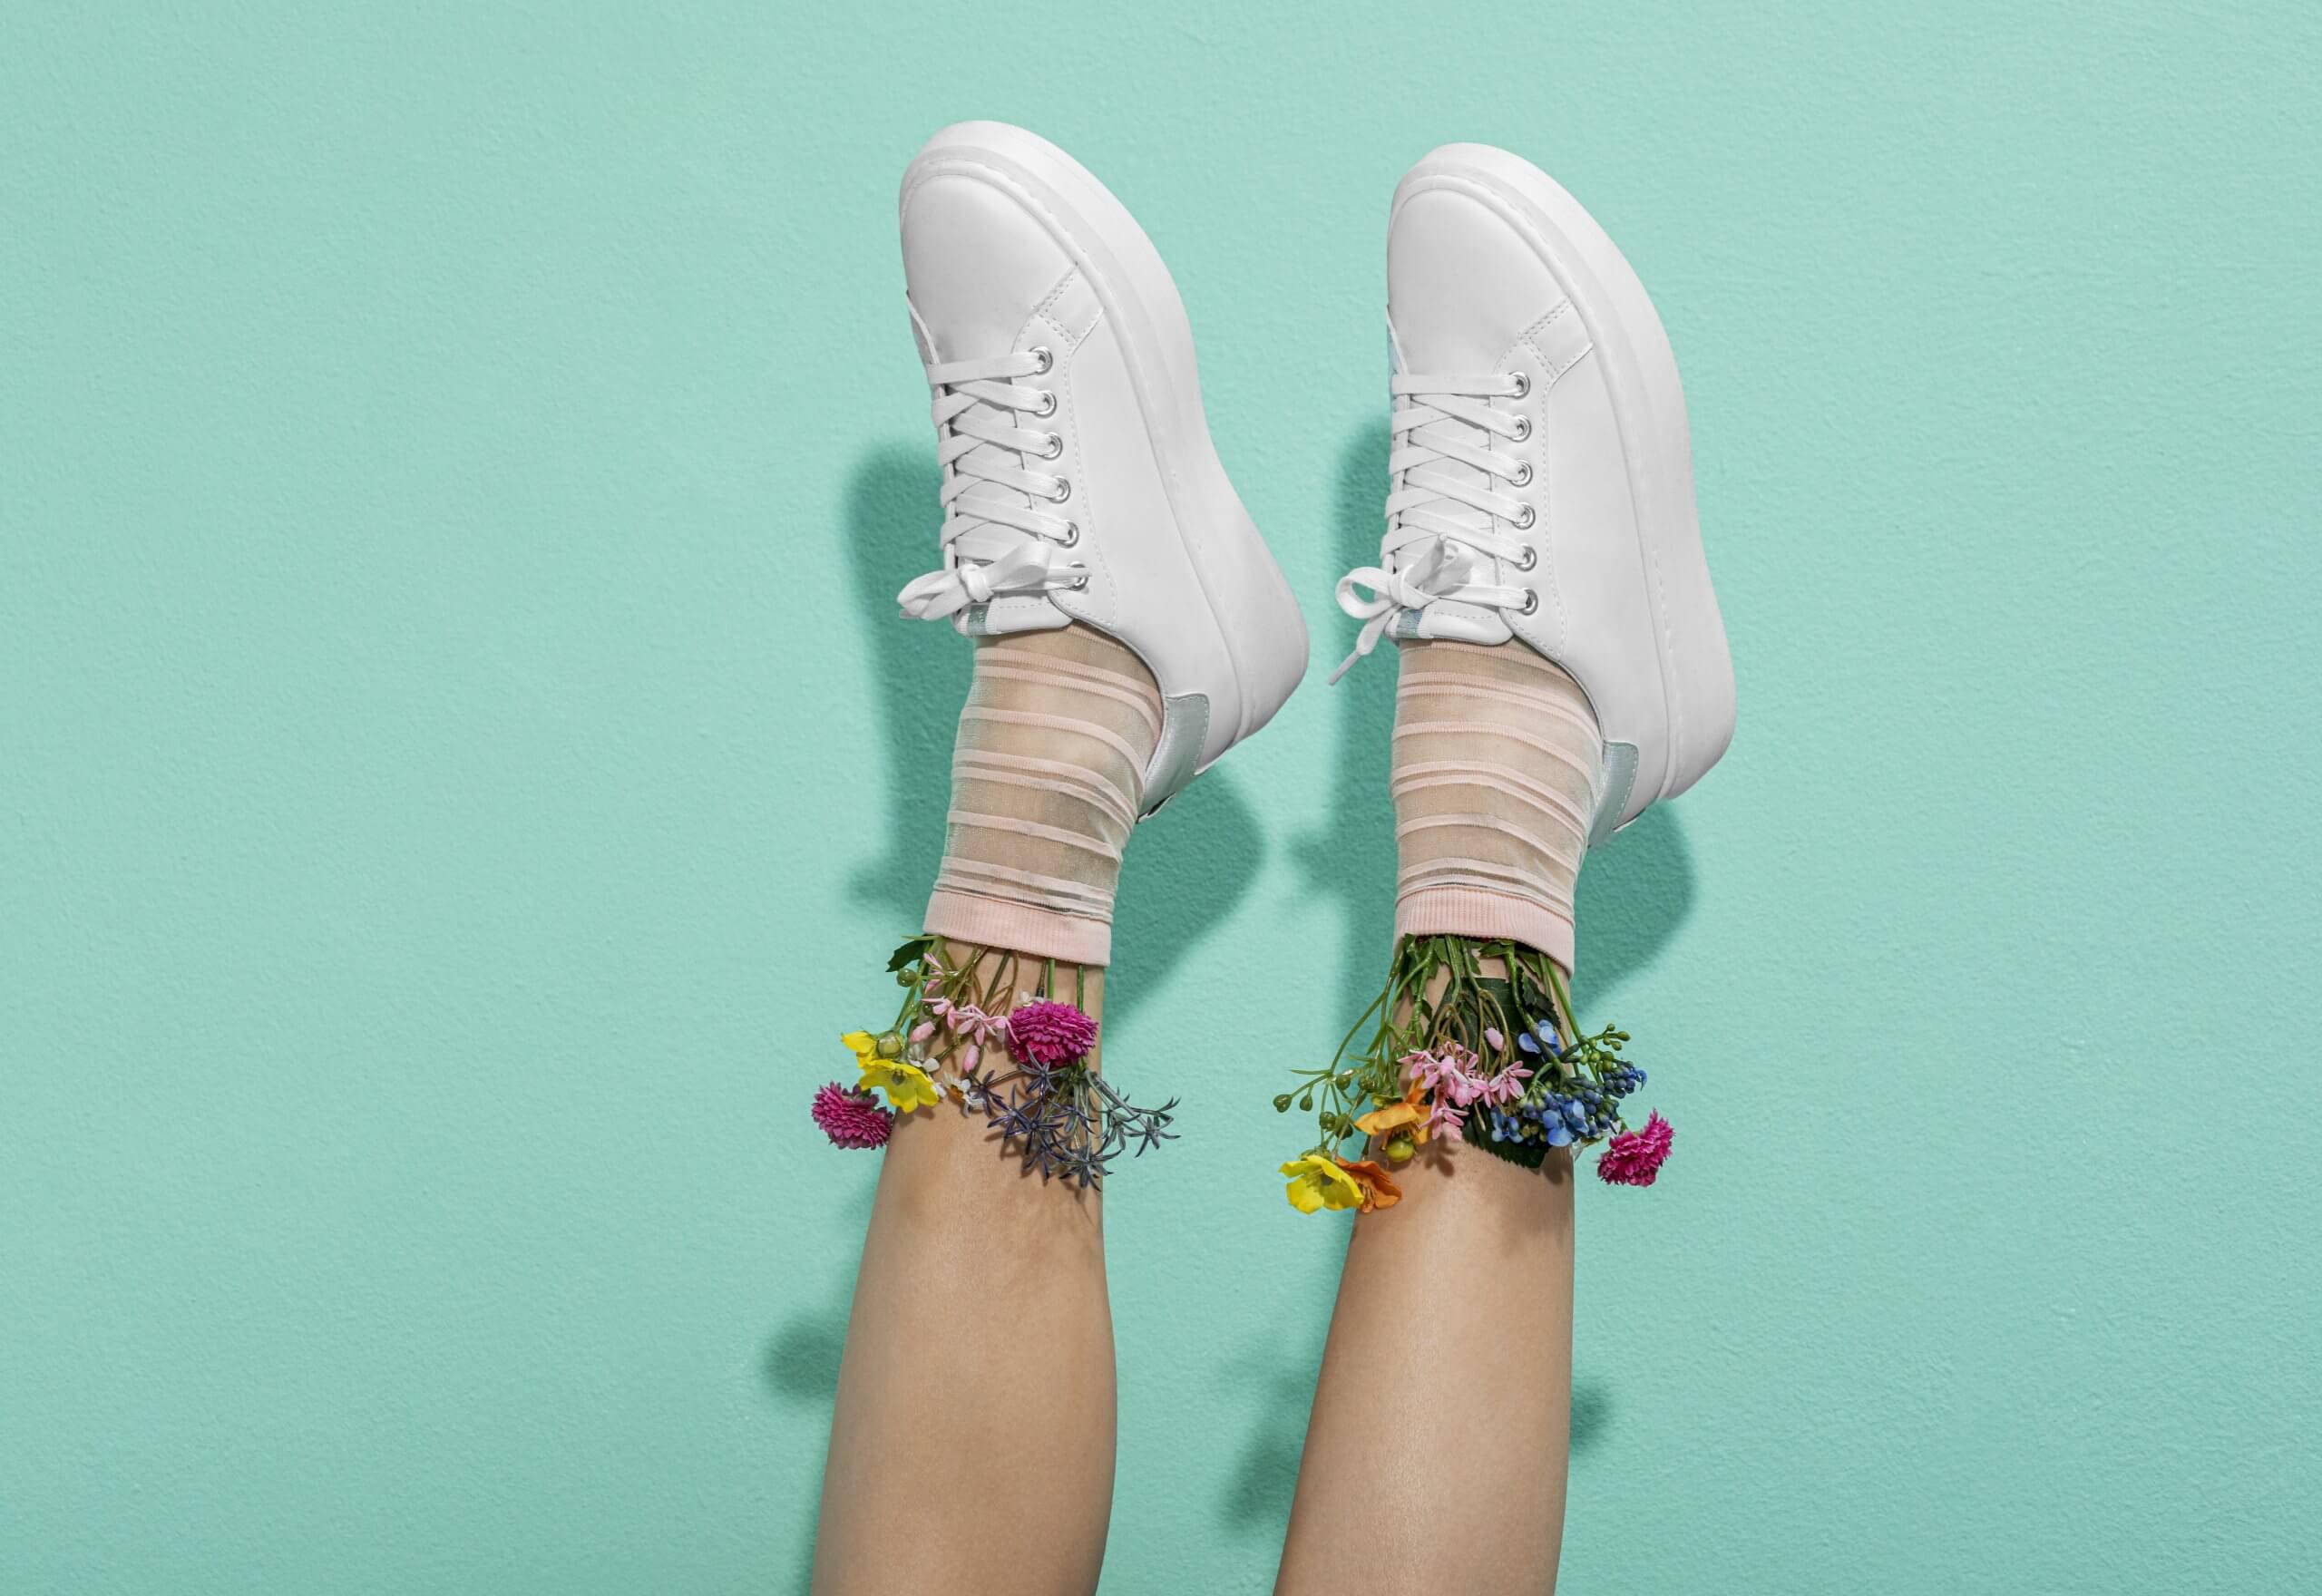 Cómo combinar zapatillas mujer